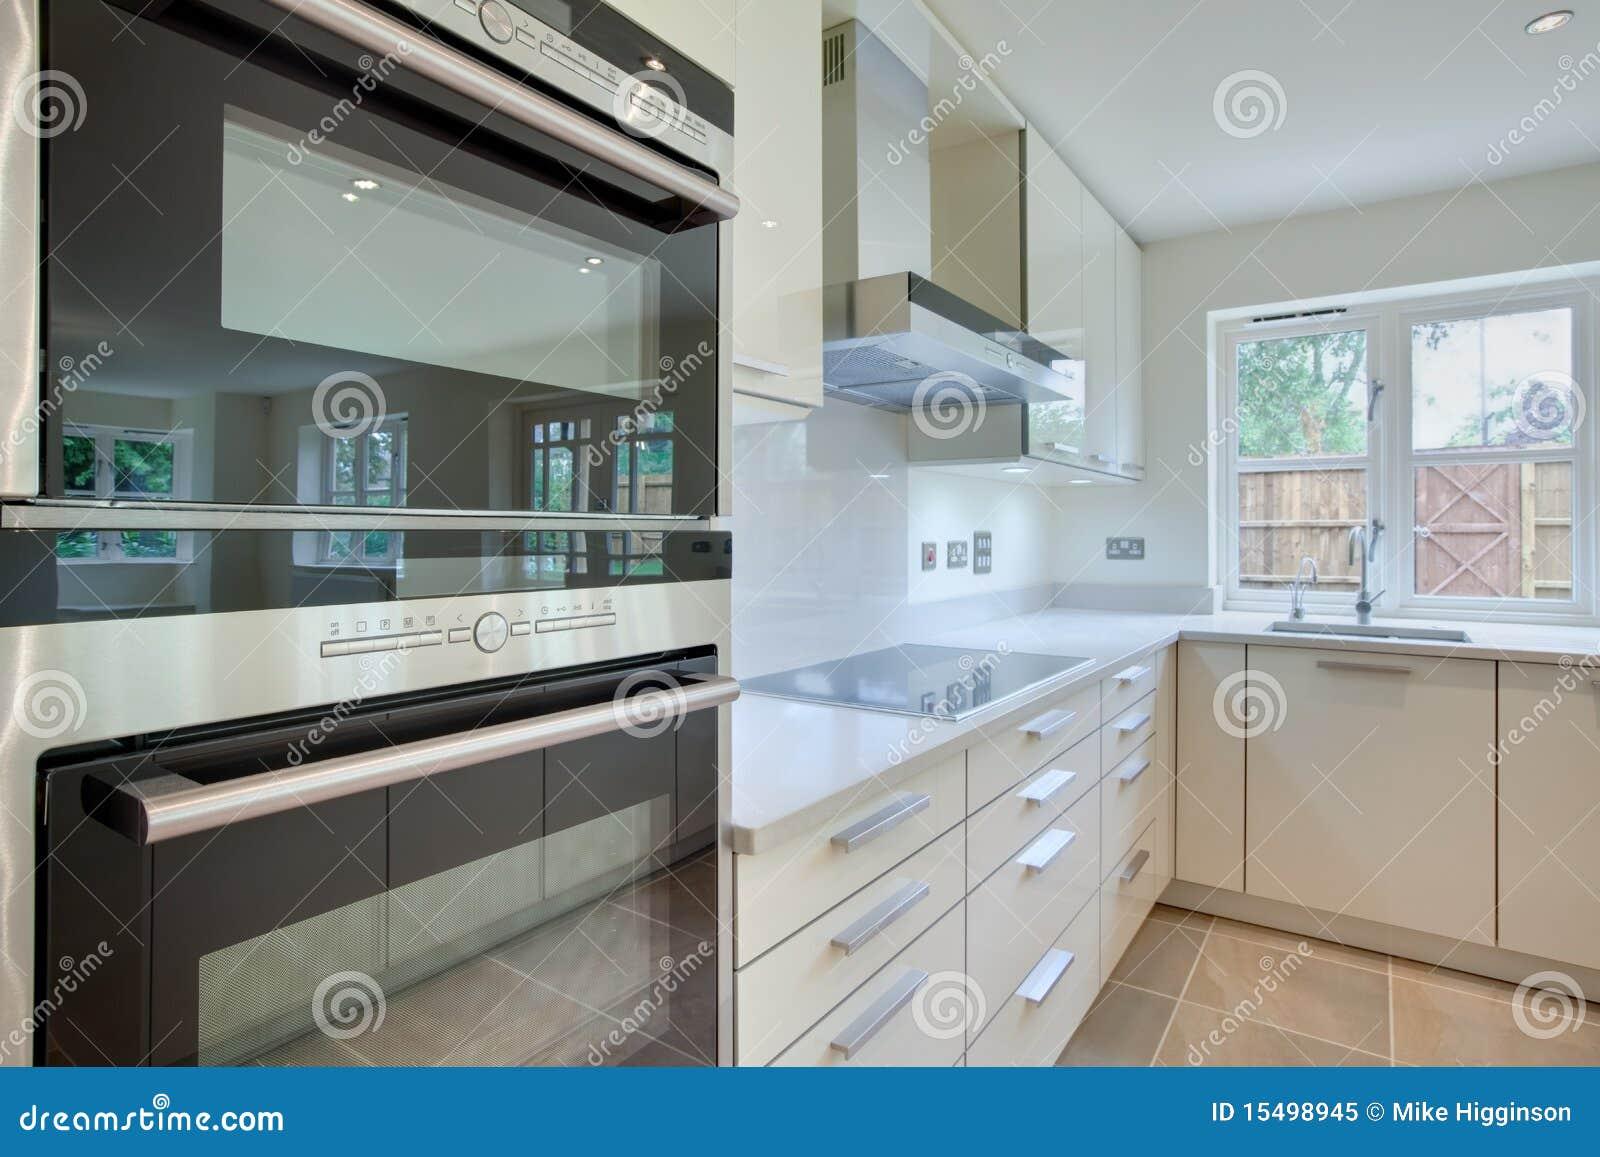 Cozinha Moderna Chique Imagem De Stock Imagem De Contador 15498945